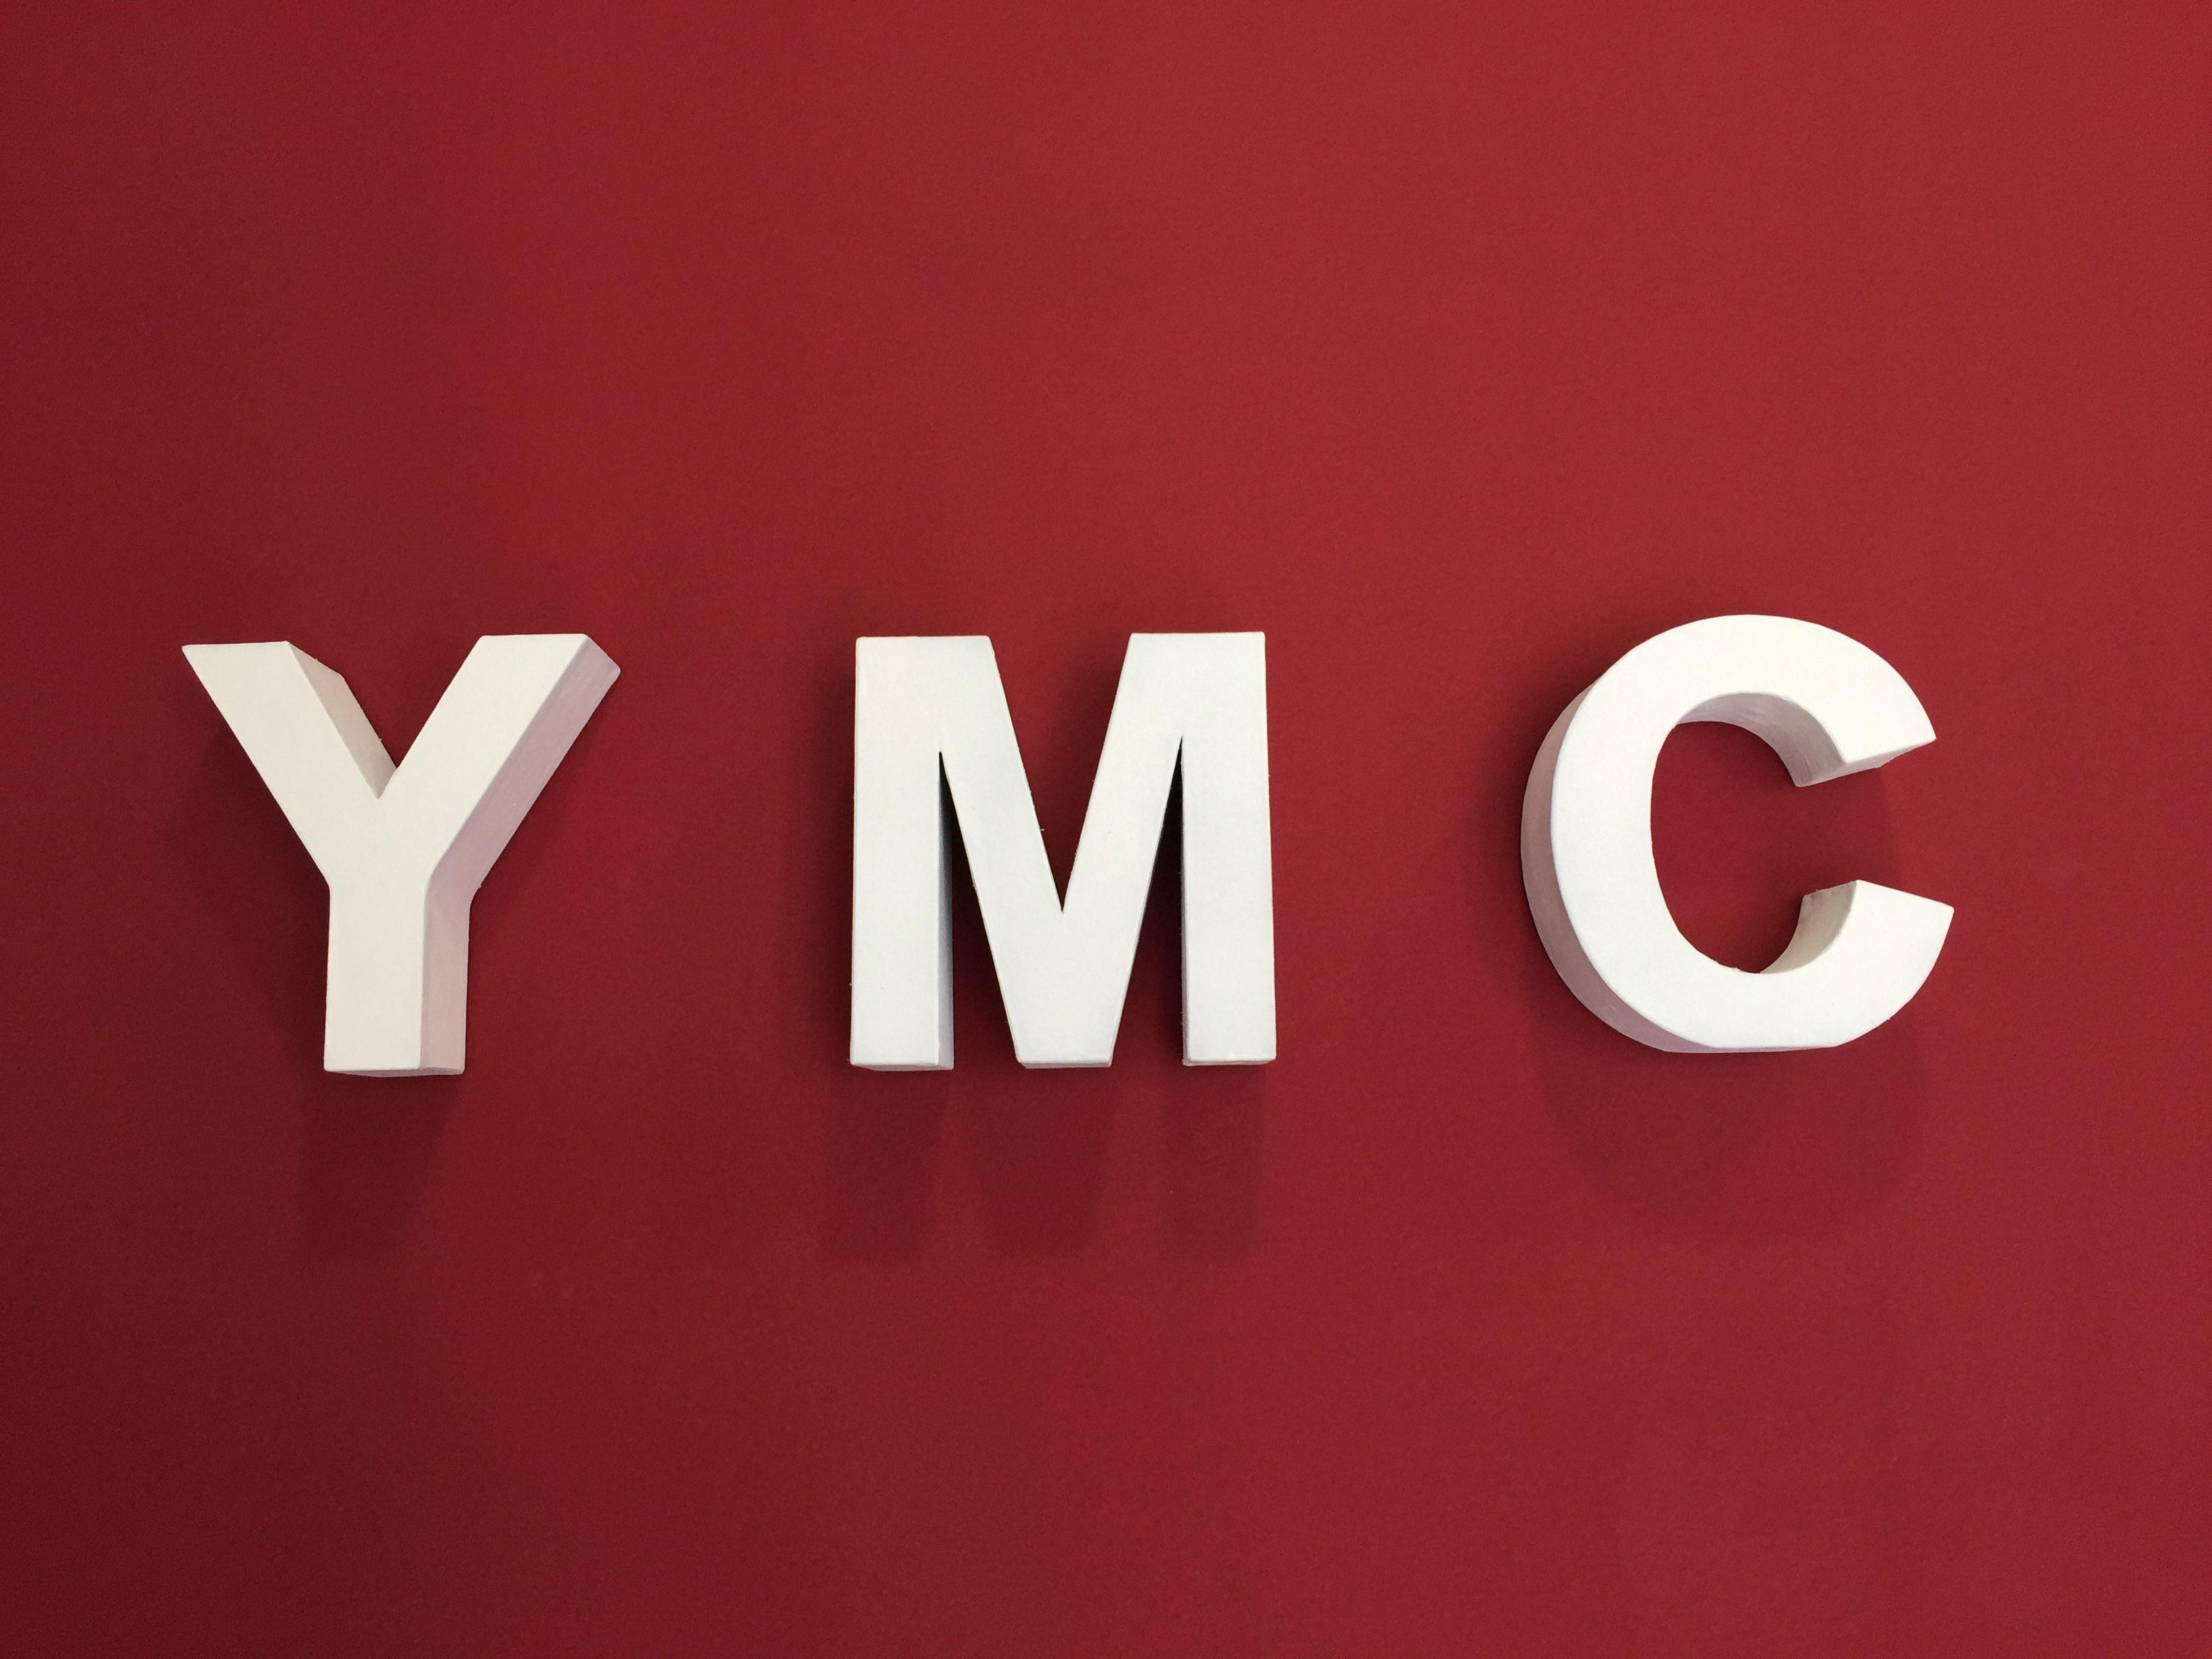 YMC Centro de Estética Sant Just Desvern